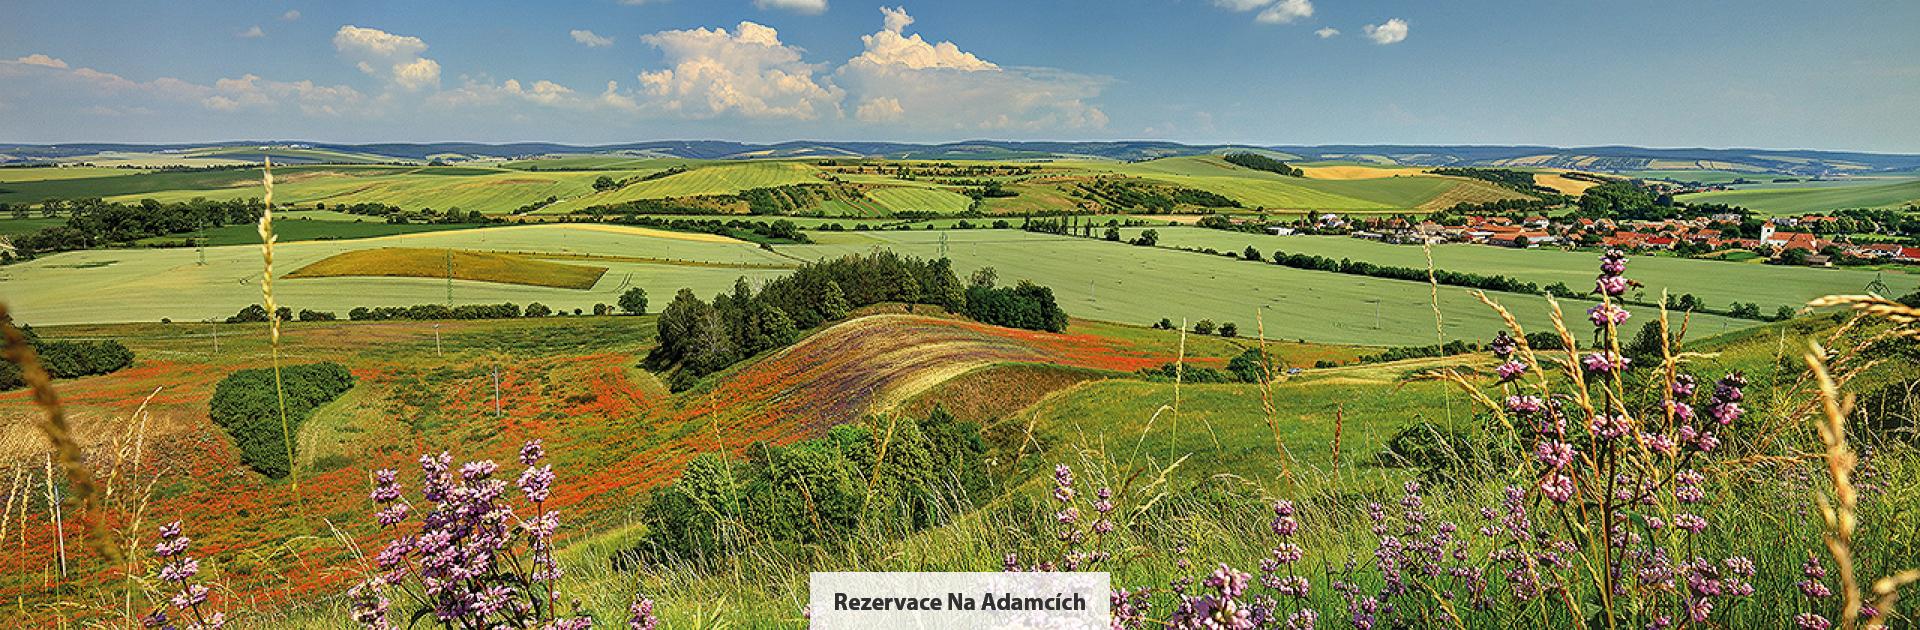 Rezervace Na Adamcích, zdroj: Libor Sváček, archiv Vydavatelství MCU